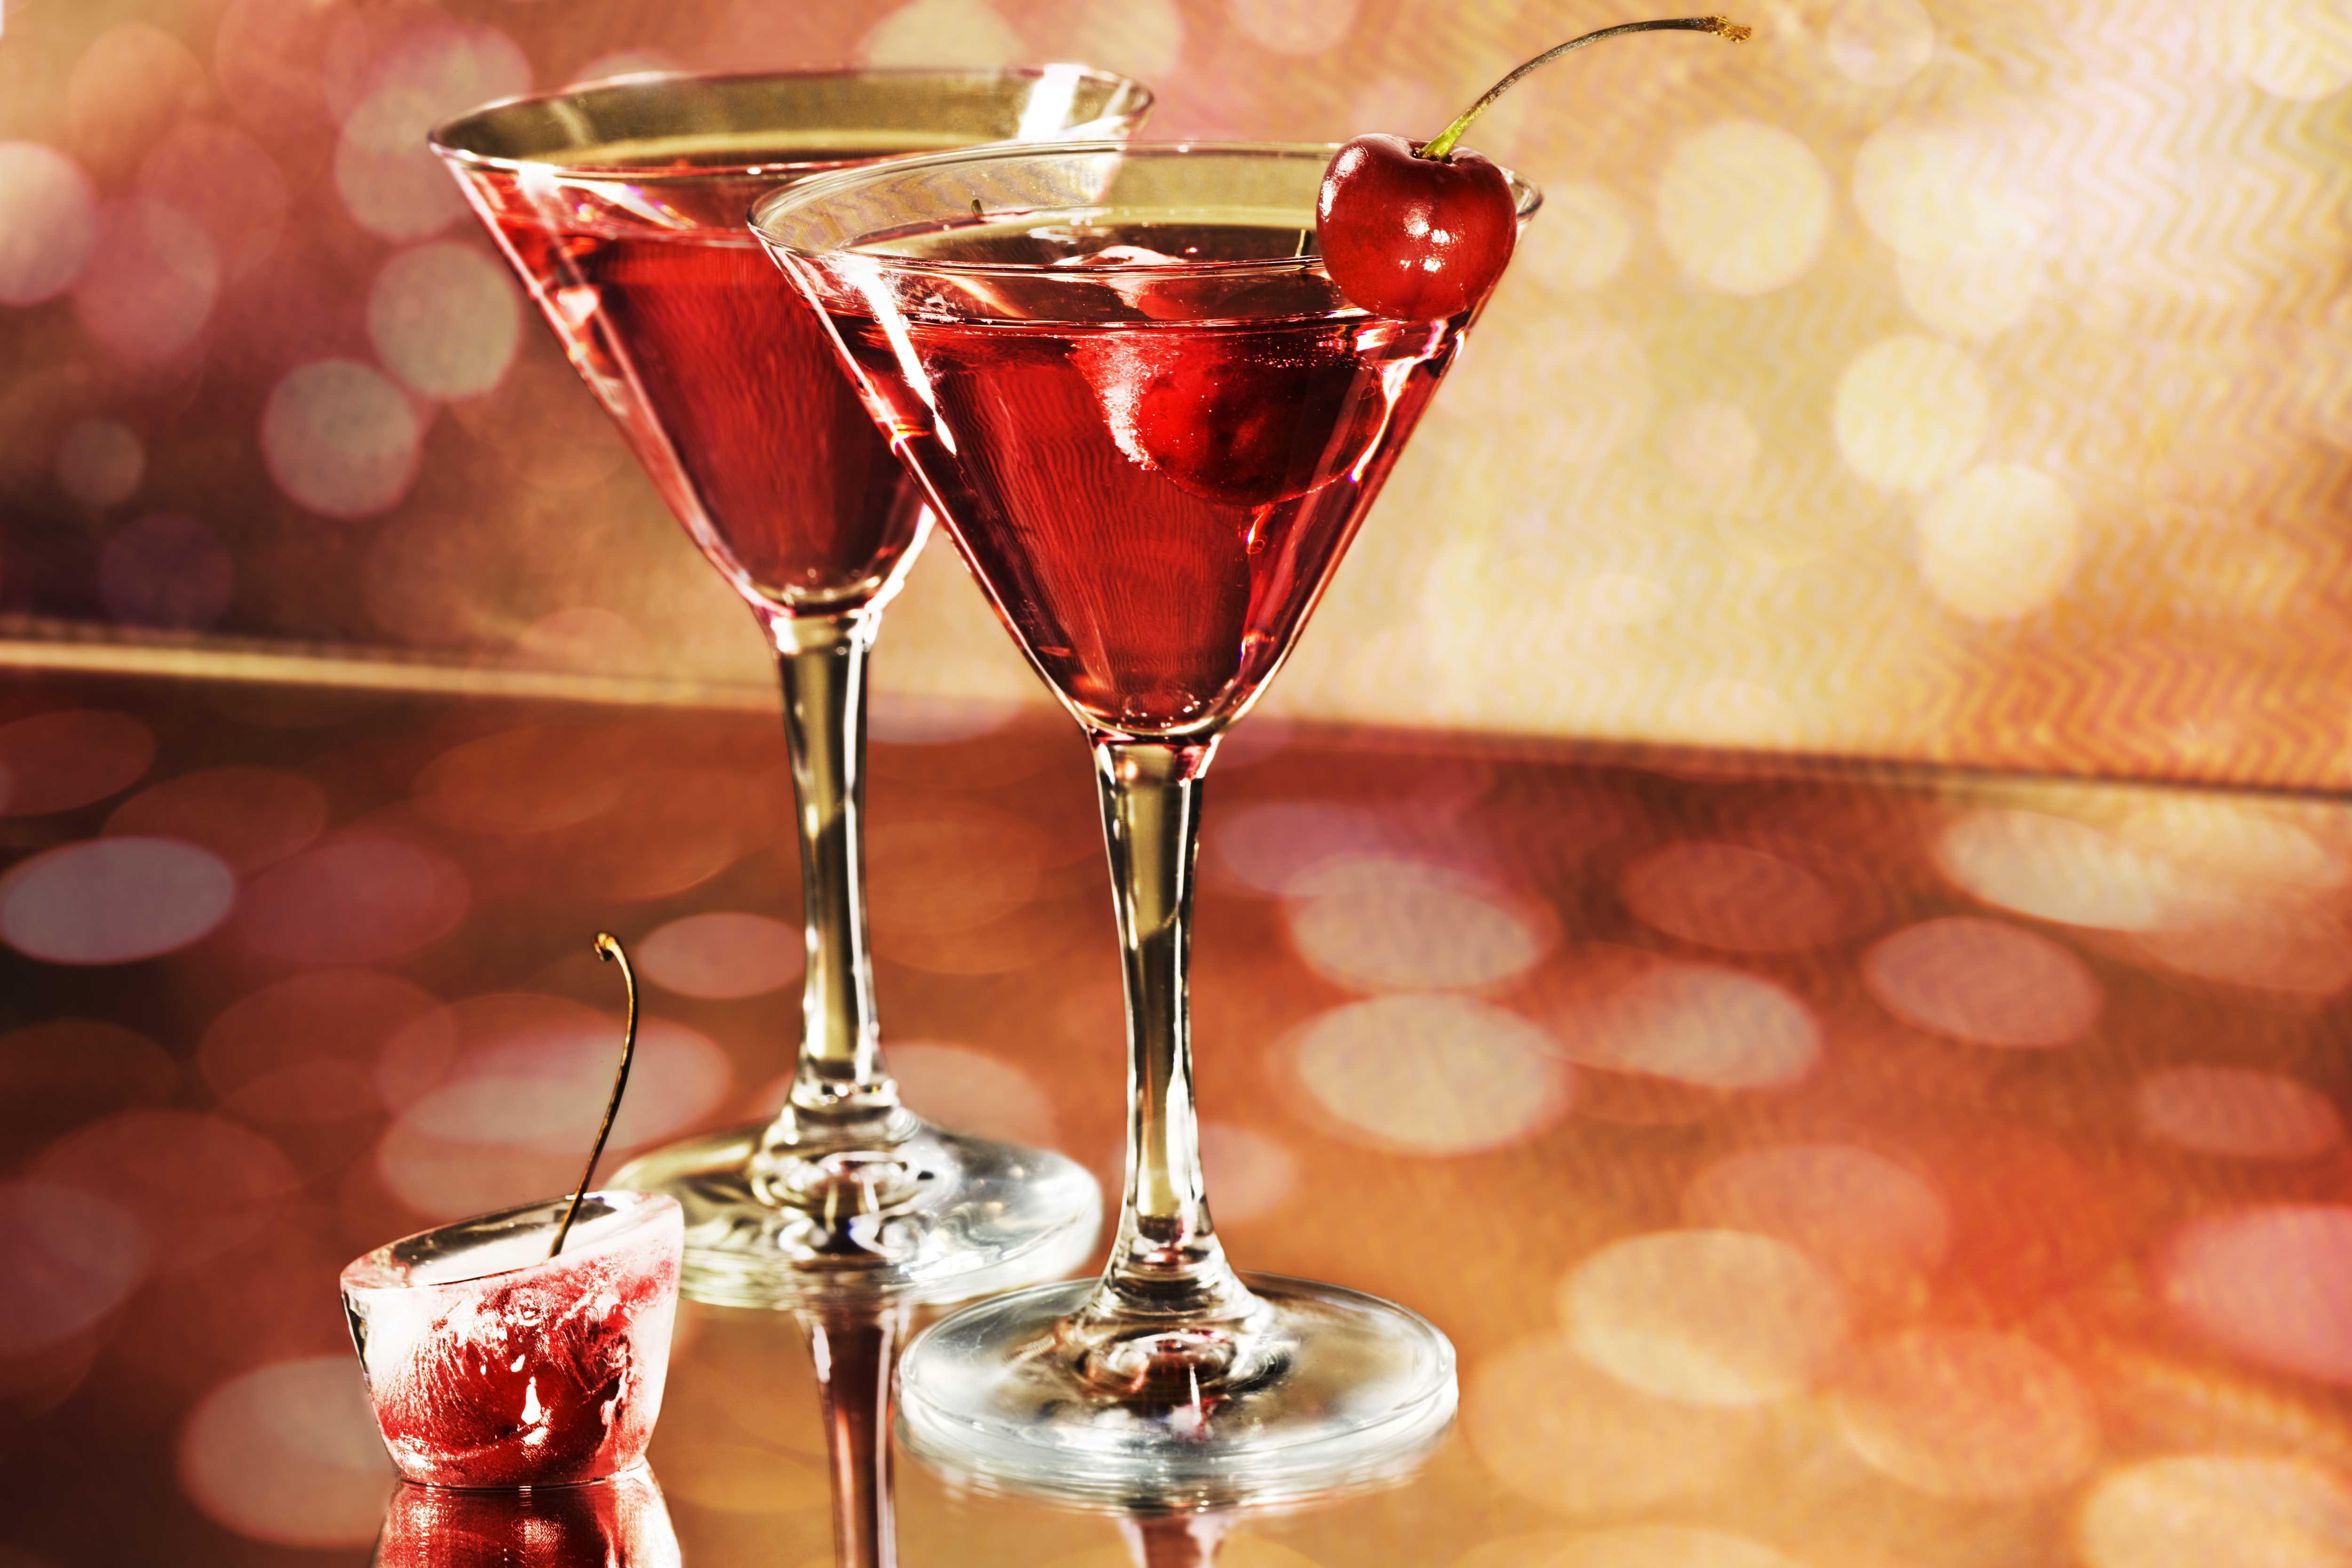 Doua cocktailuri pe masa, fiecare cocktail e aranjat.